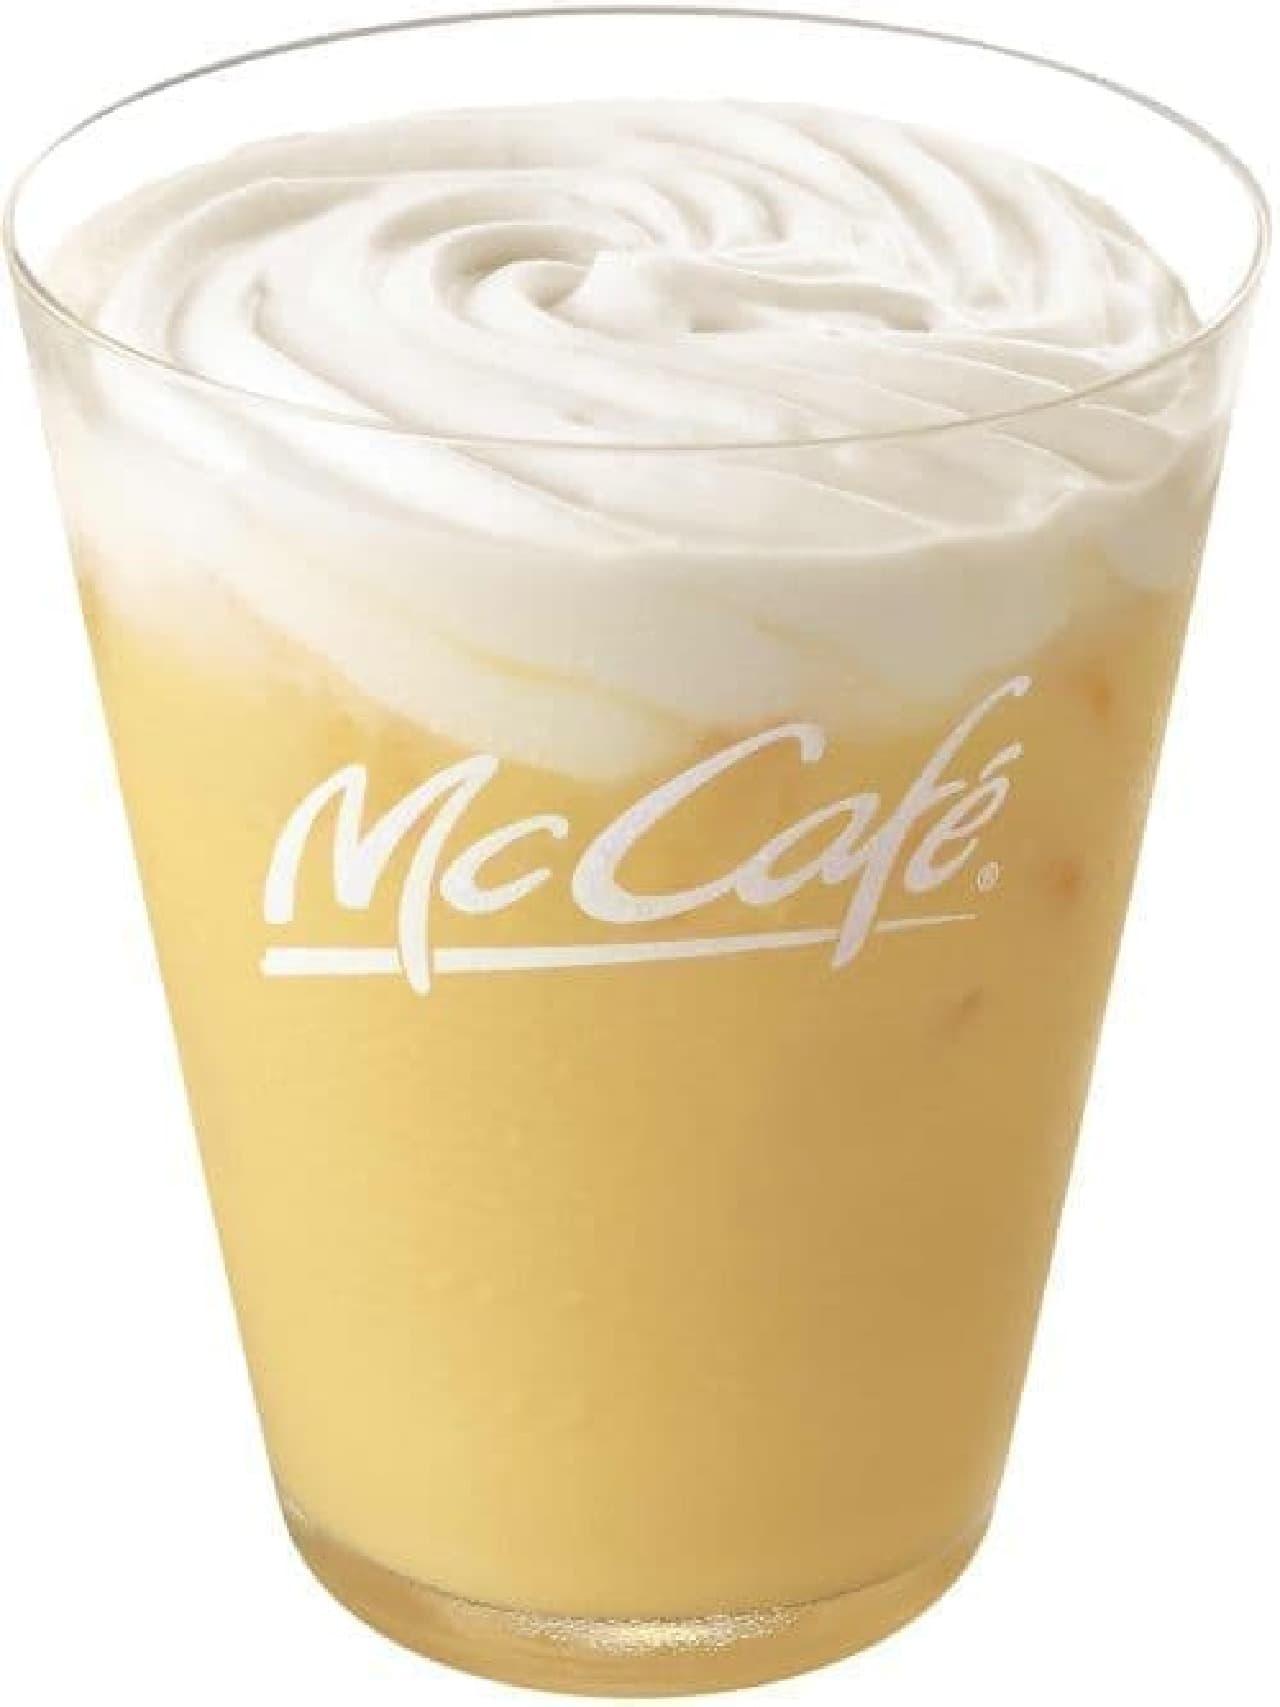 マックカフェ「マスカルポーネ入り ふわふわムースマンゴーミルク」